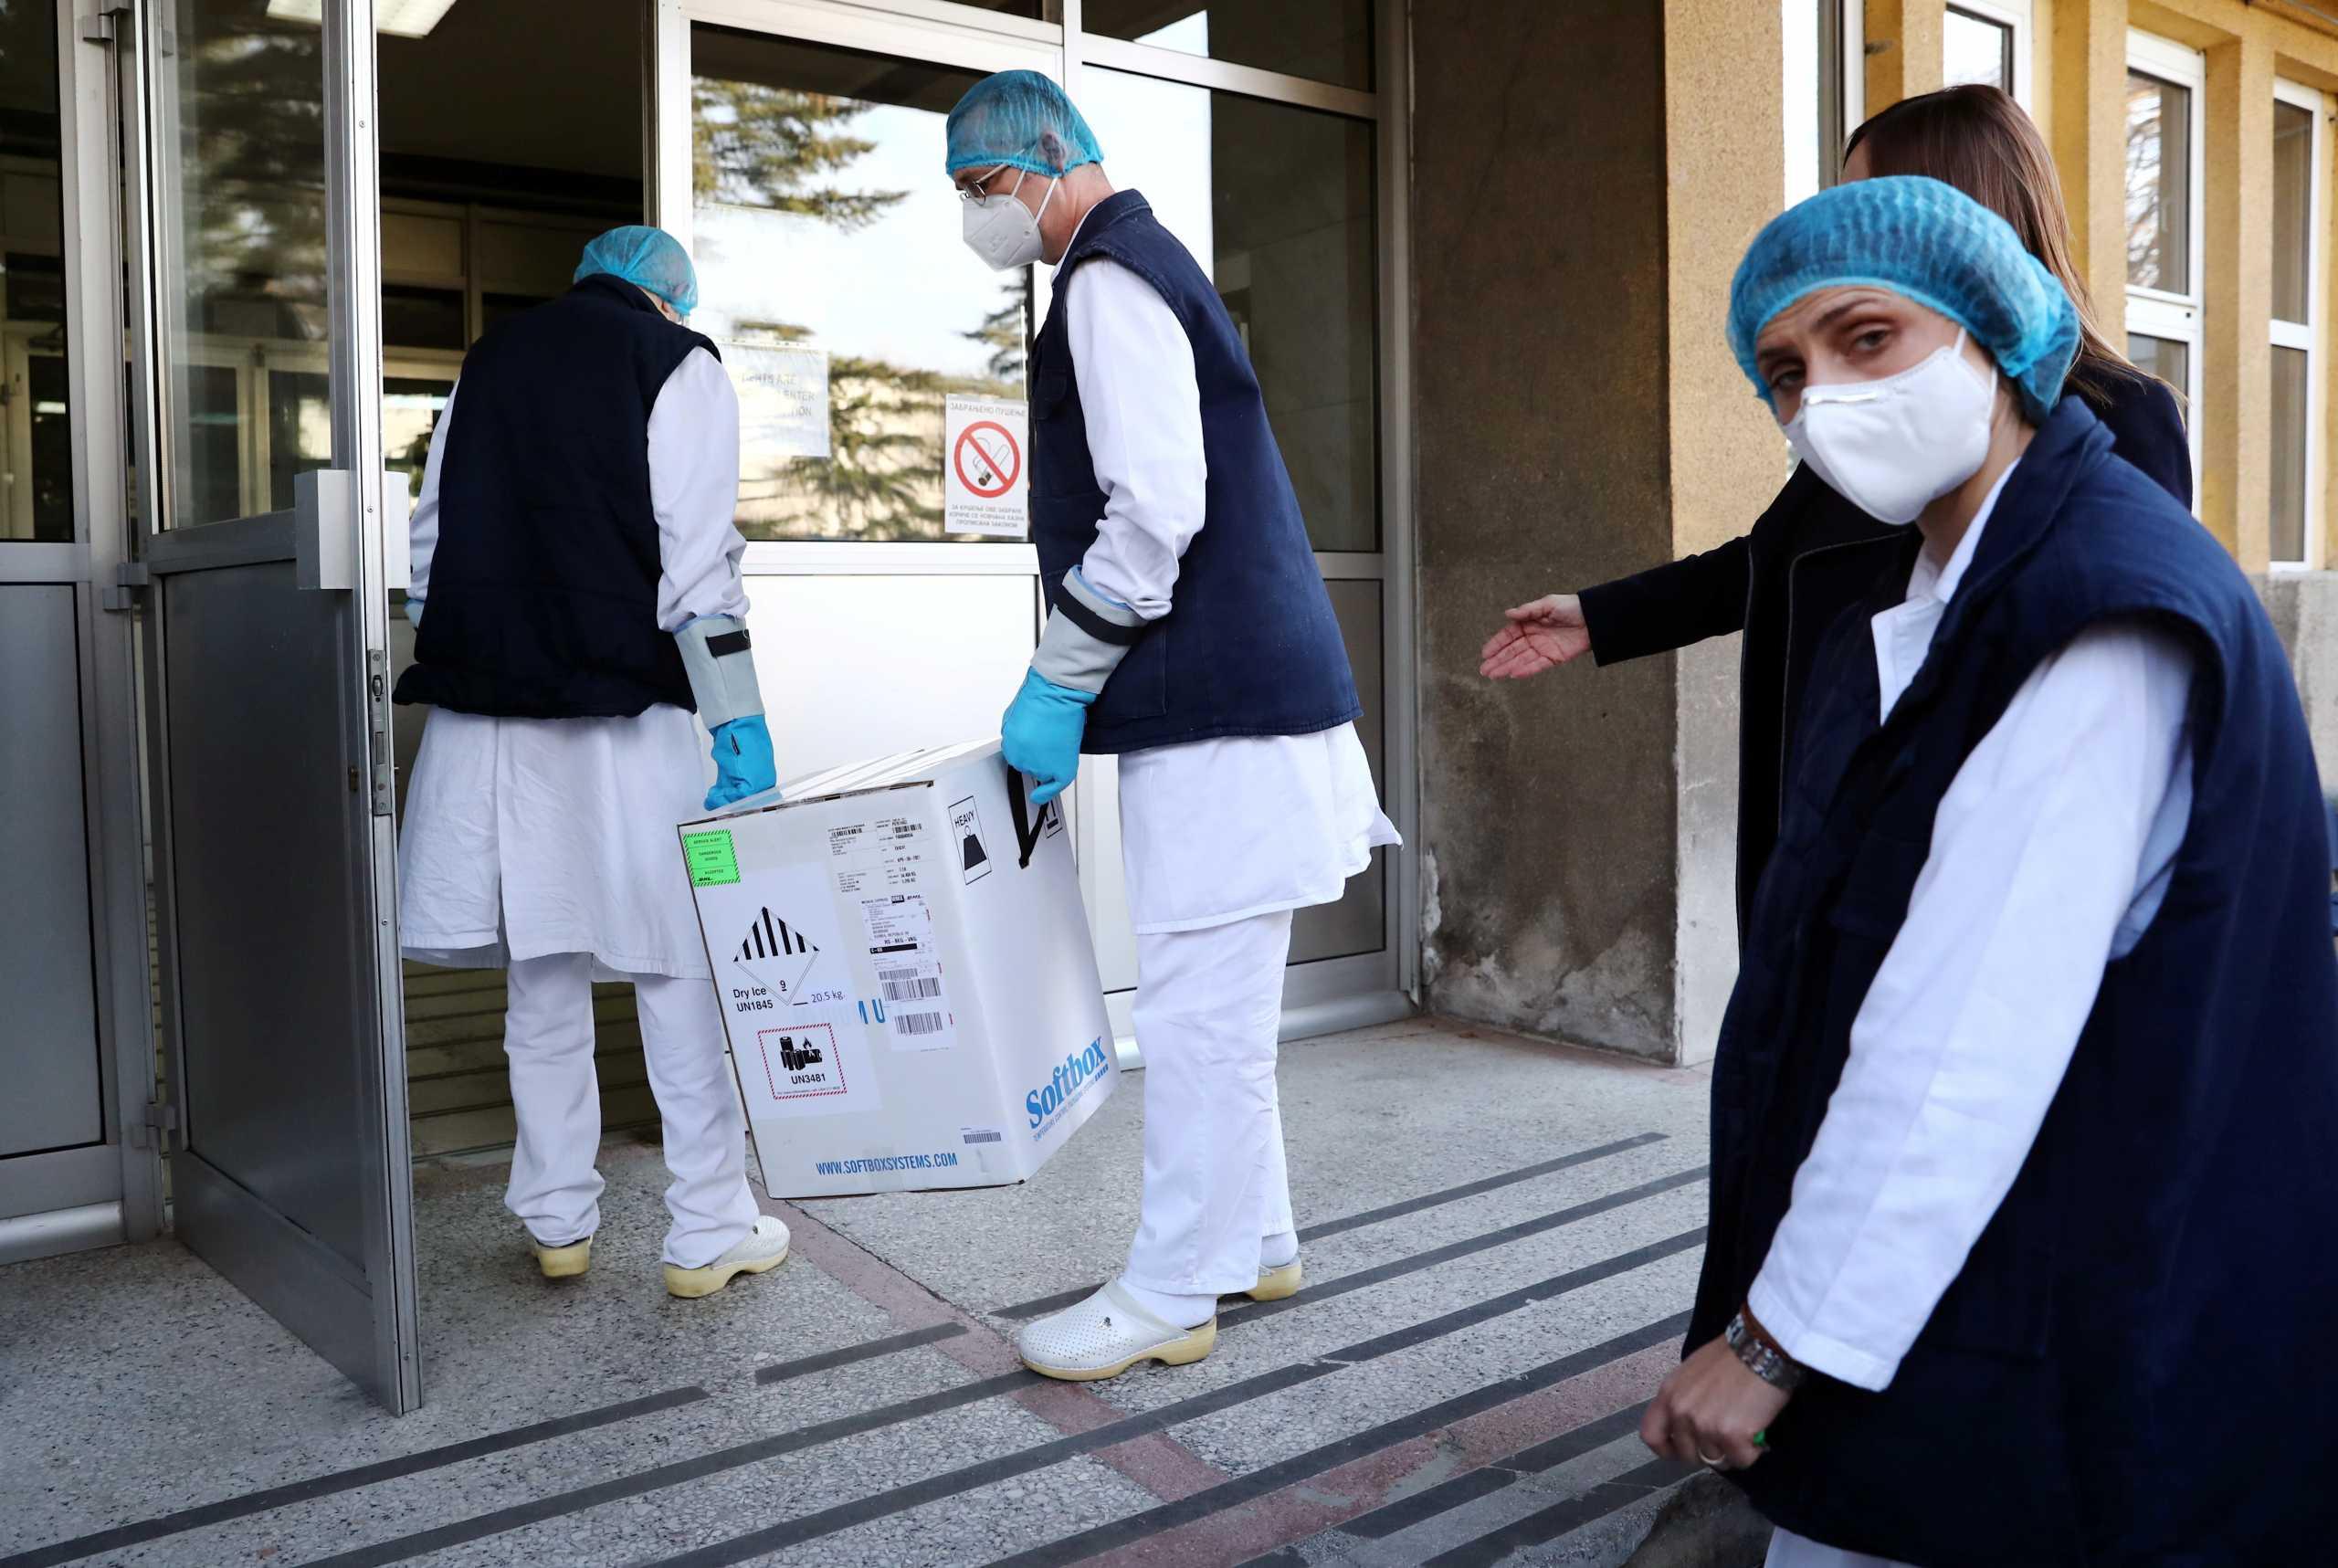 Κορονοϊός – Σερβία: Δεν πέφτουν τα κρούσματα – Συνεχίζονται οι εμβολιασμοί